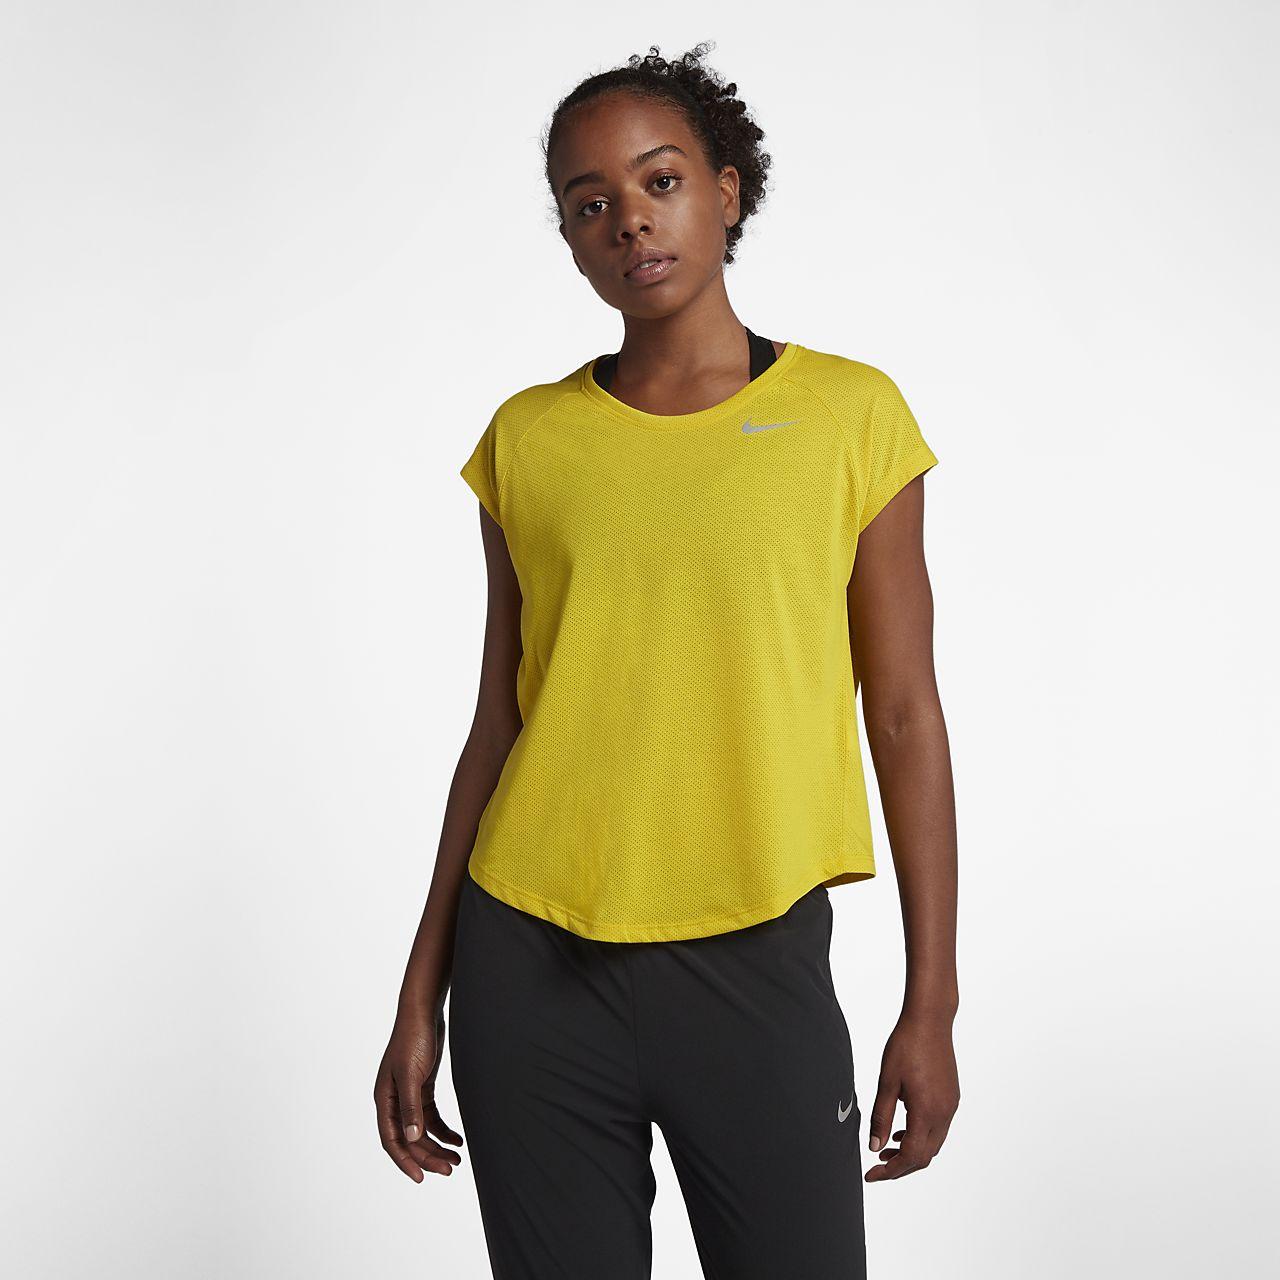 572823764c61 Haut de running à manches courtes Nike Tailwind pour Femme. Nike.com BE